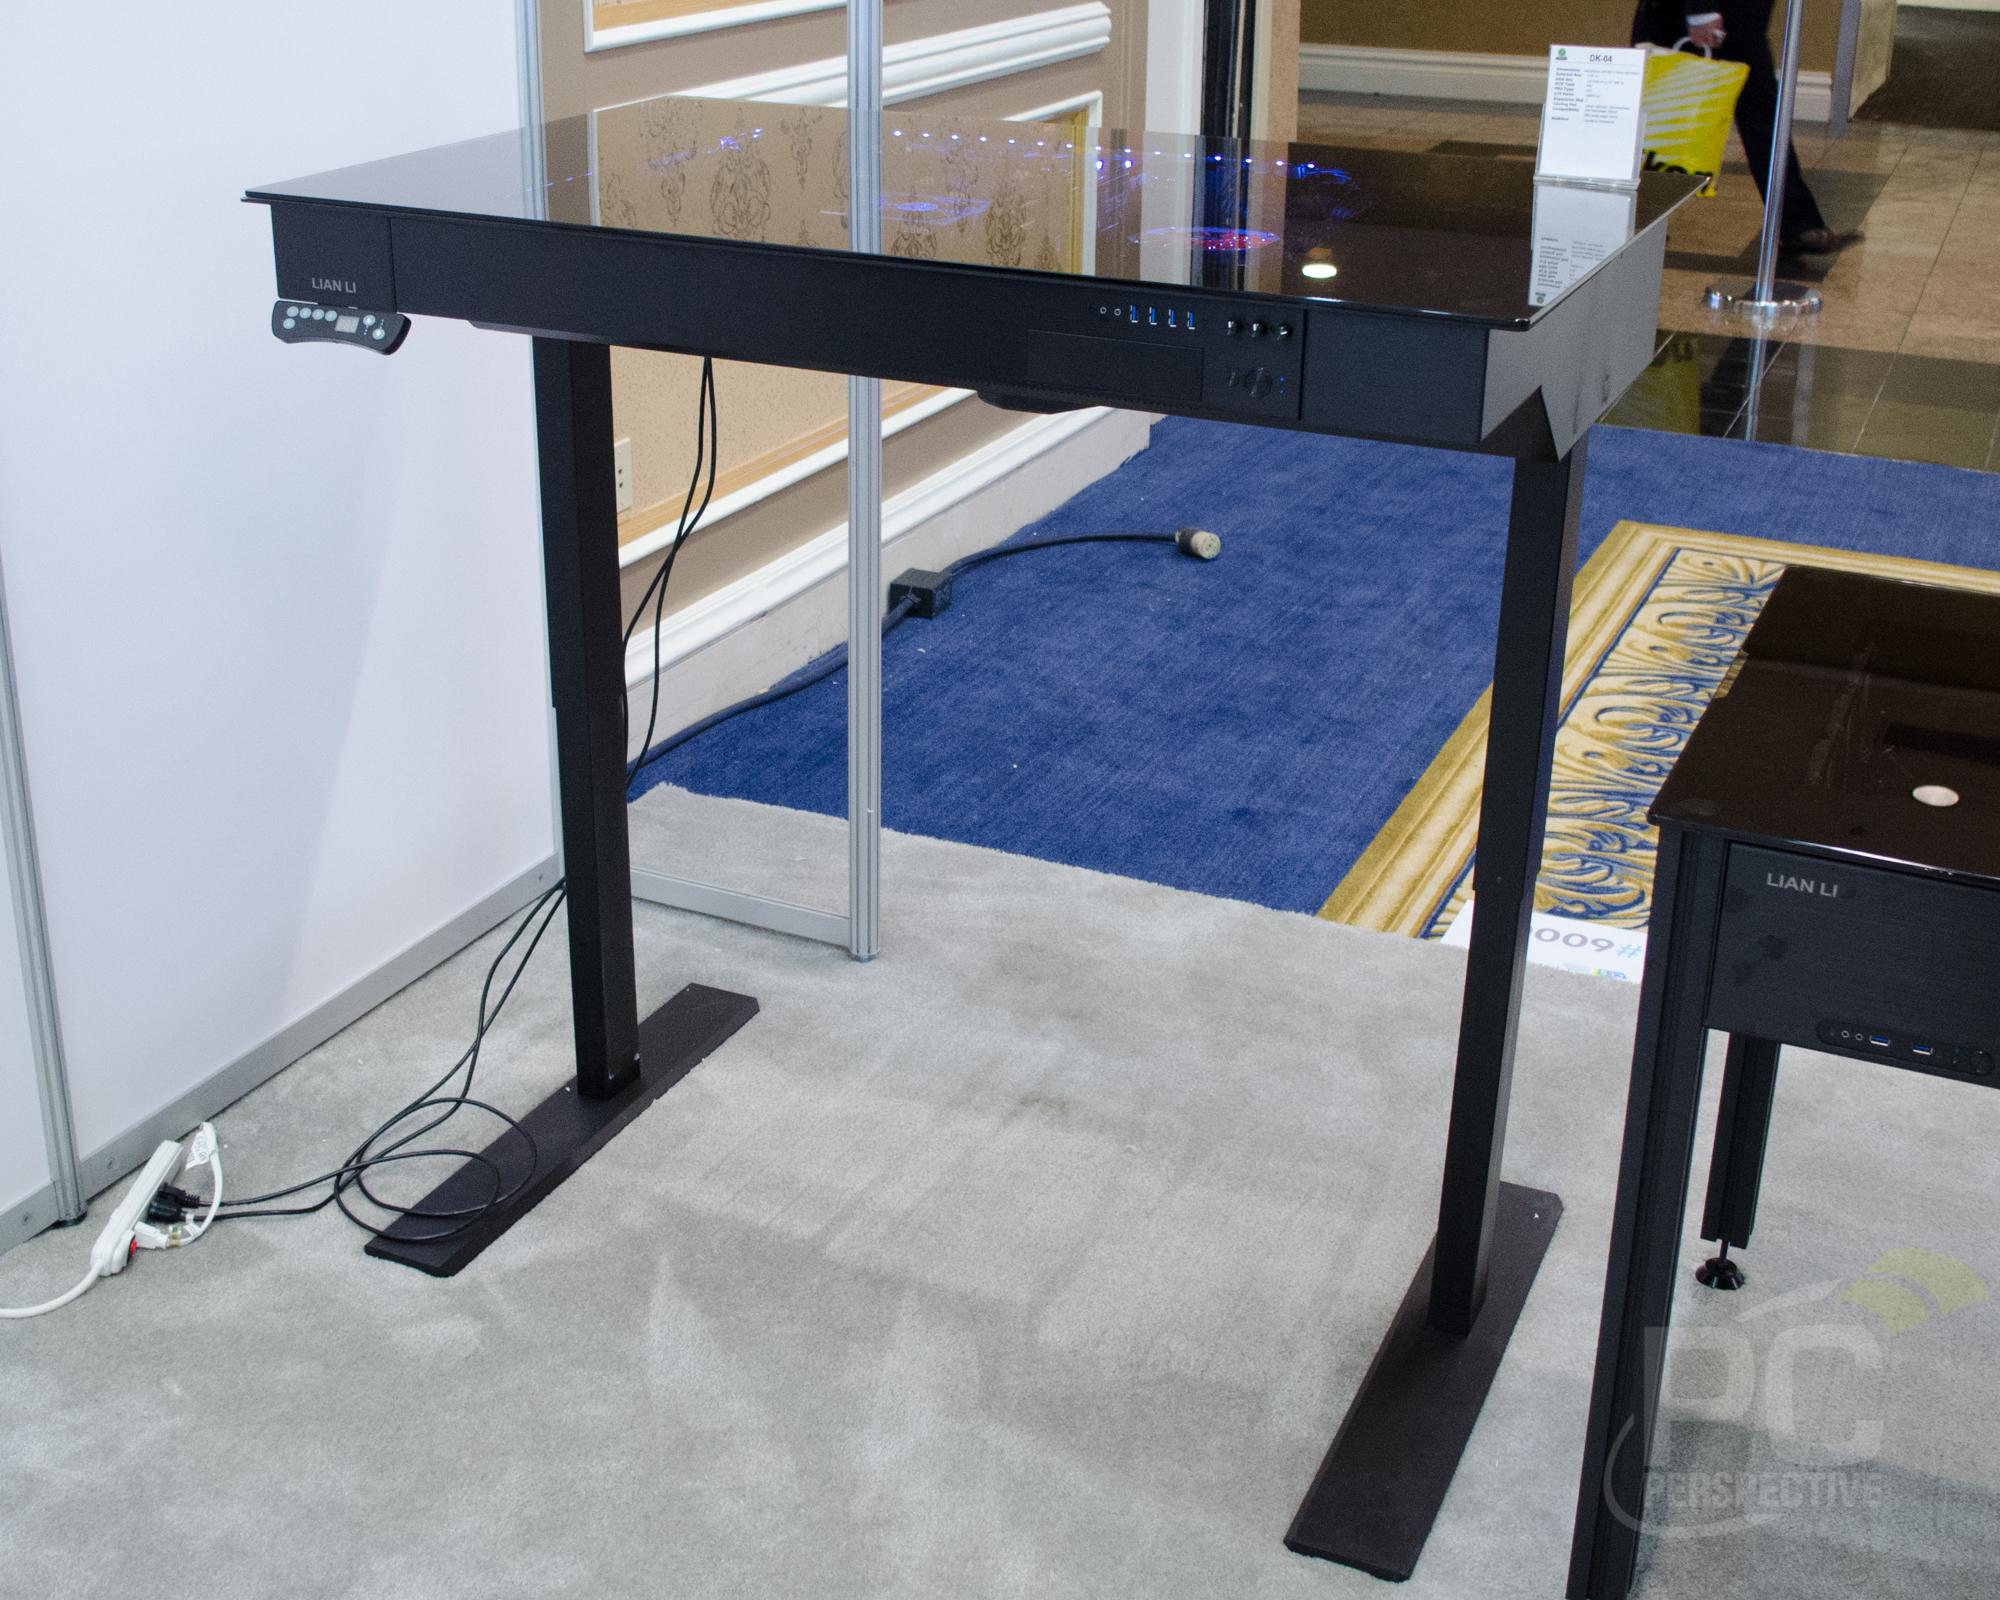 Lian Li DK-04 Sit / Stand Computer Desk Enclosure